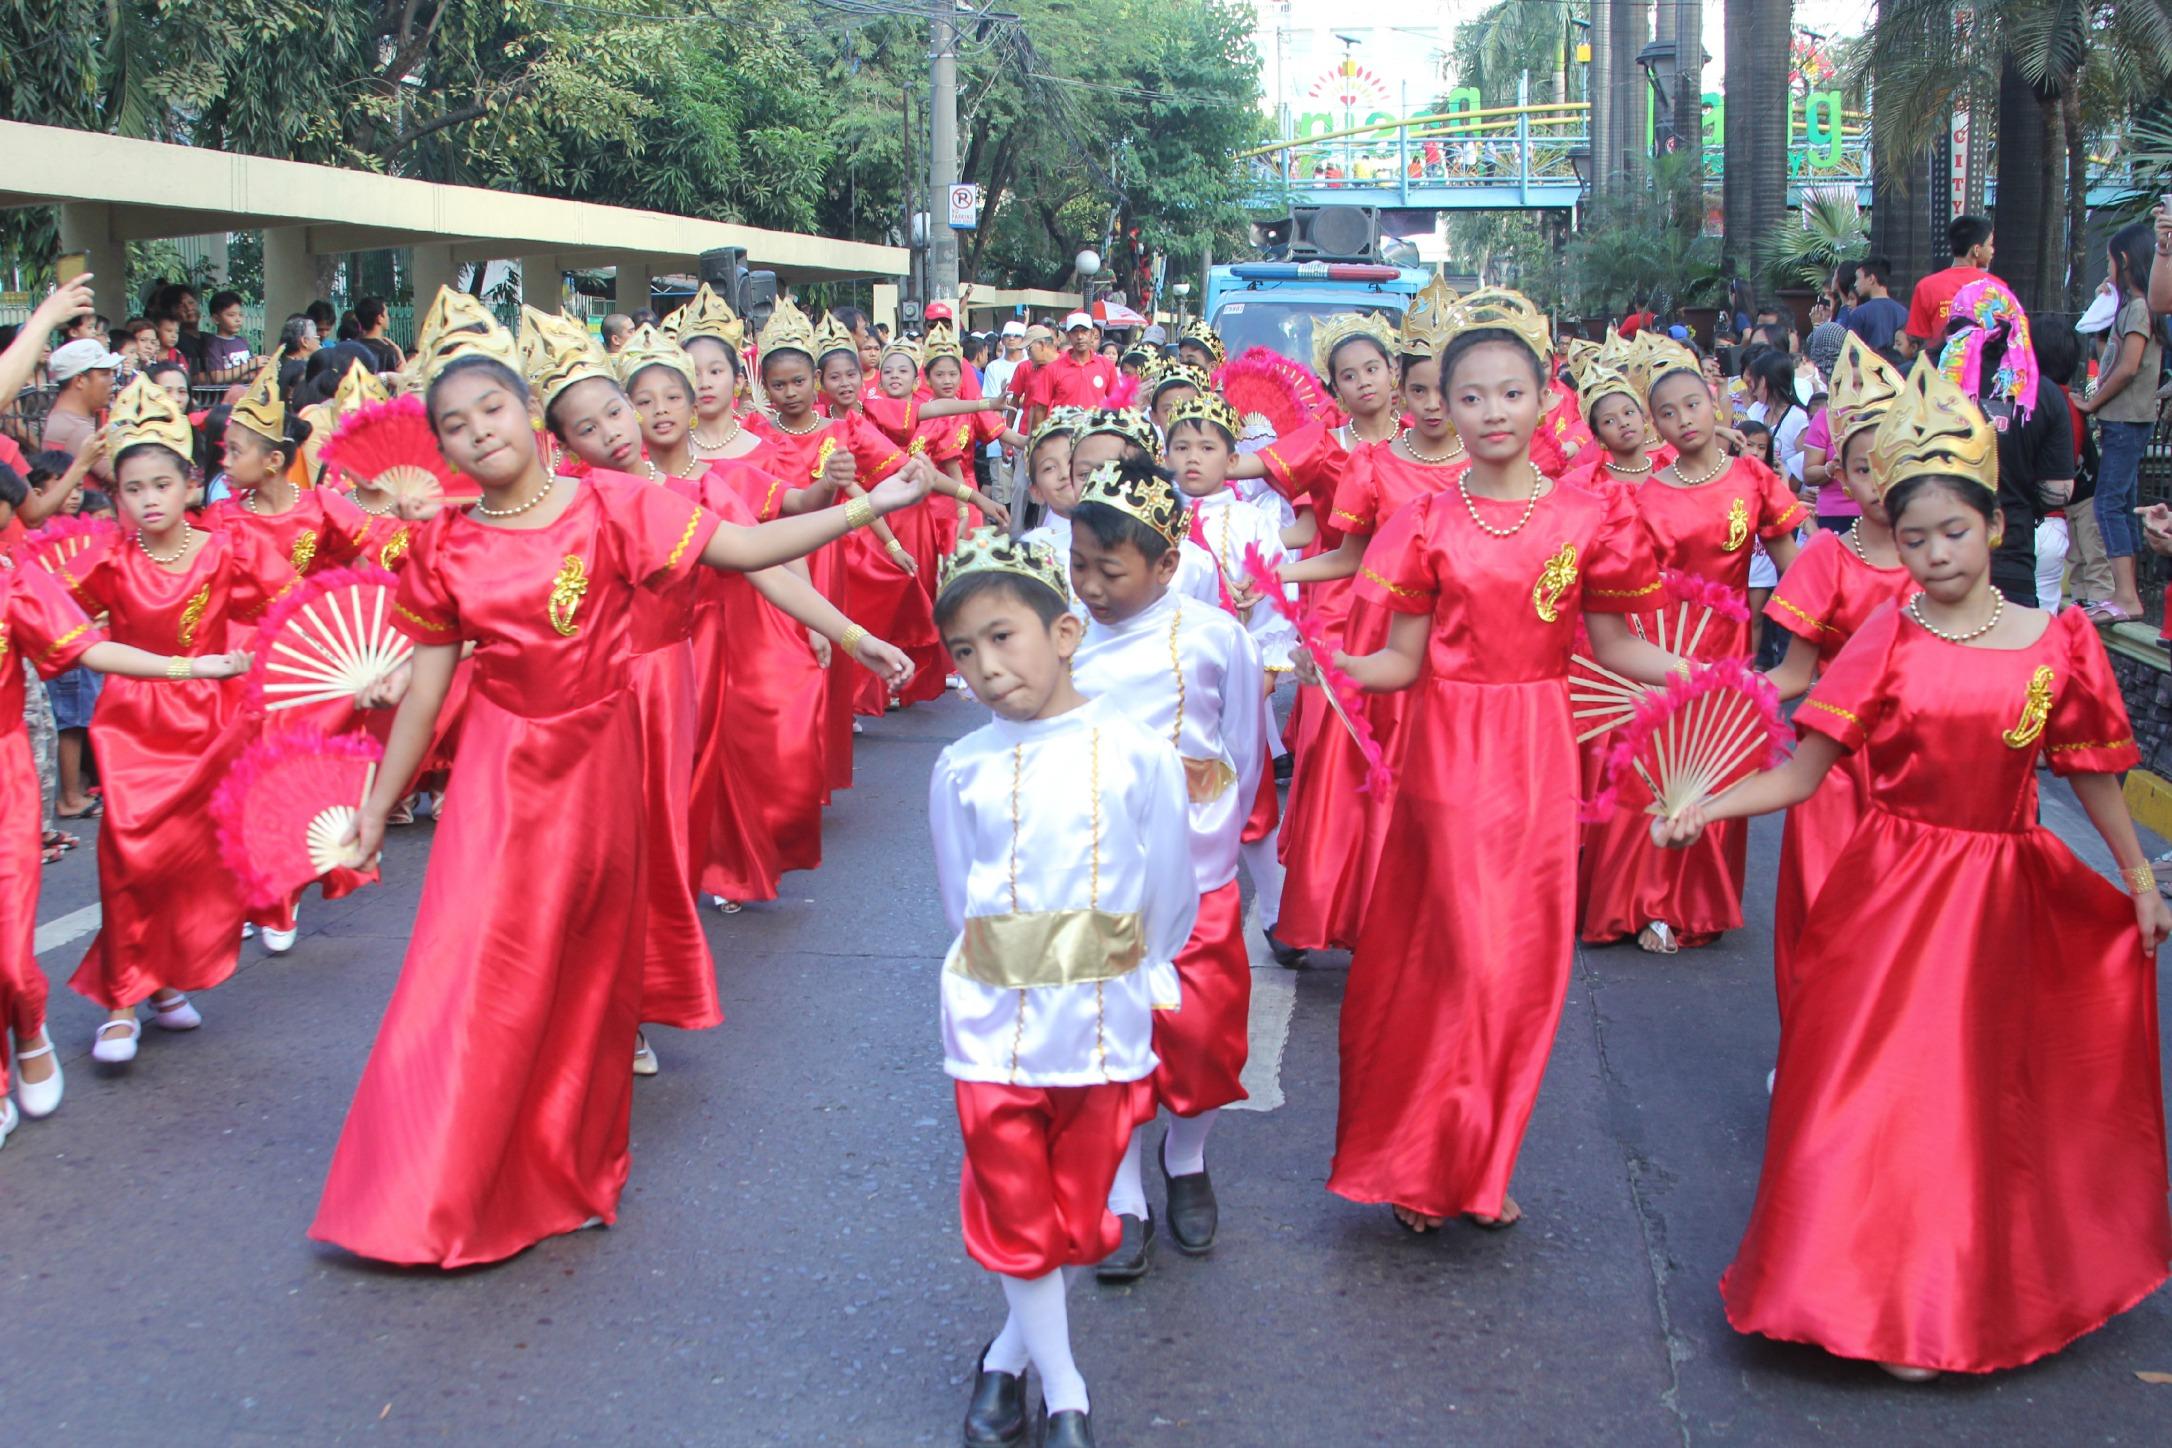 Nagsabado Festival